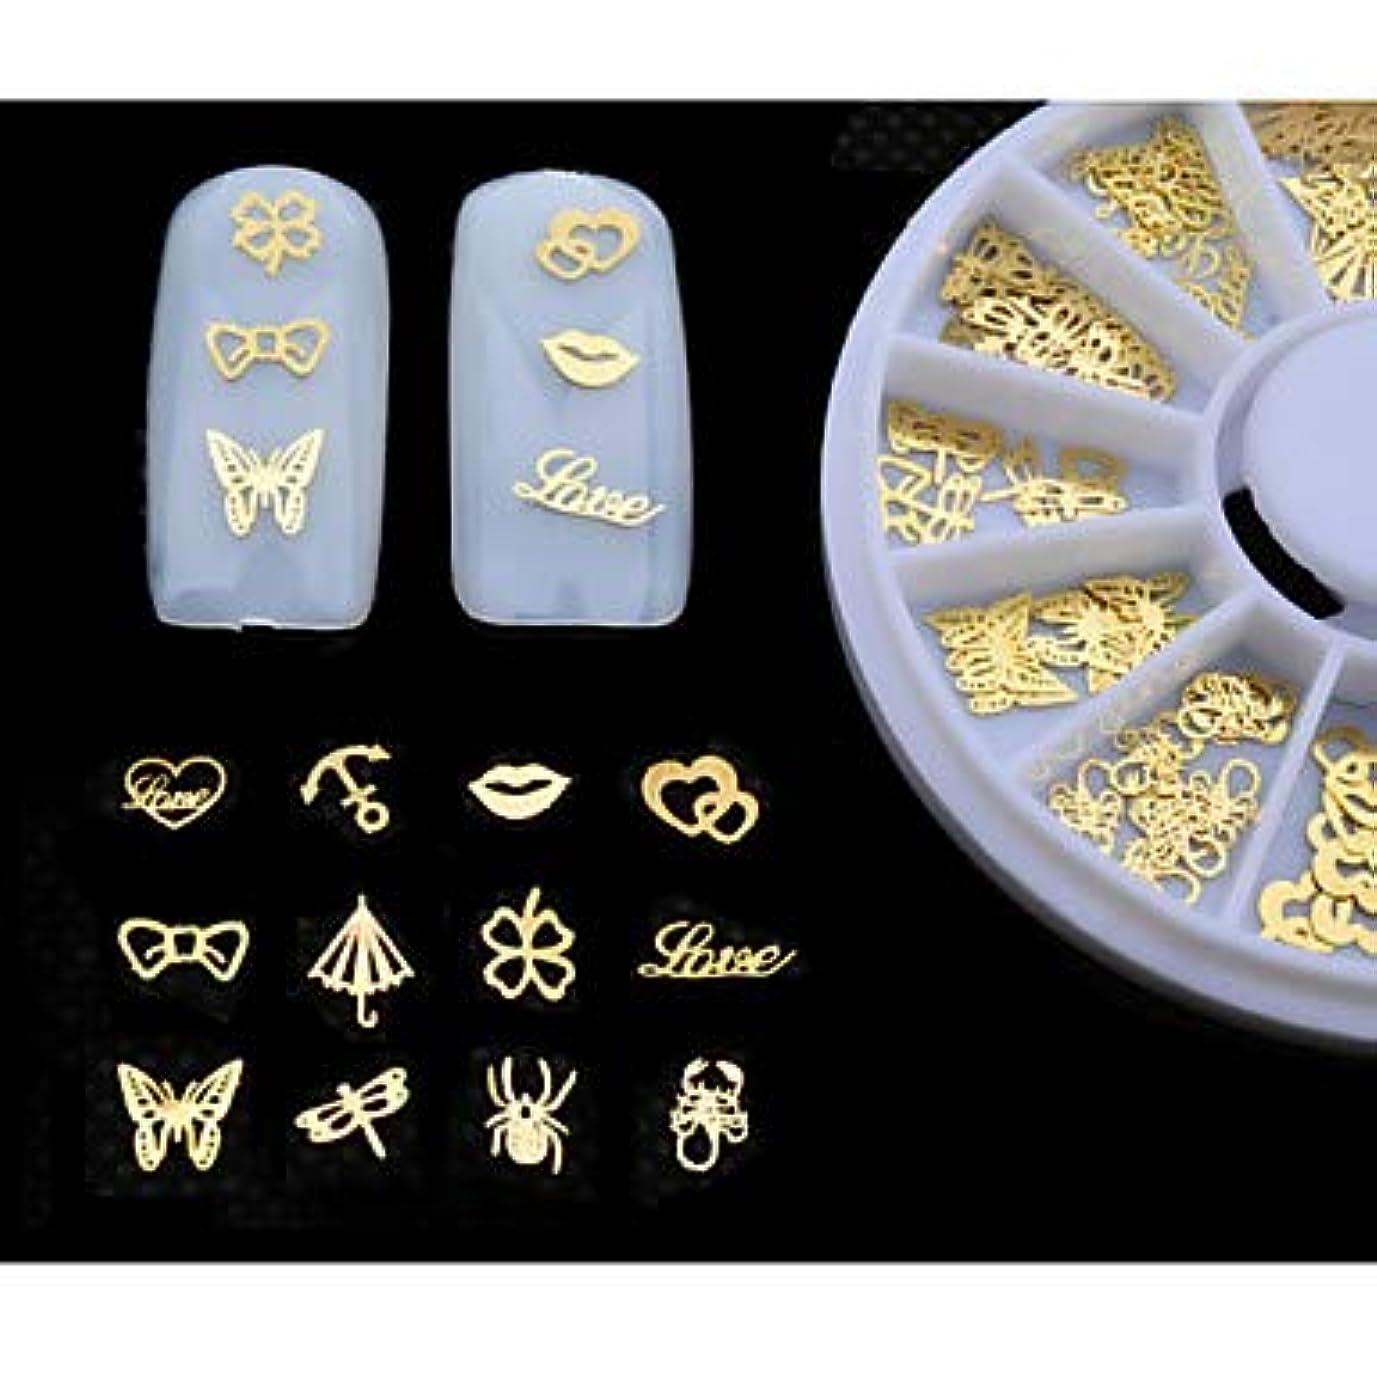 じゃがいも仲間行3dゴールドメタルネイルアートステッカーデコレーションホイール蝶唇デザイン小さなスライスdiyネイルアクセサリー